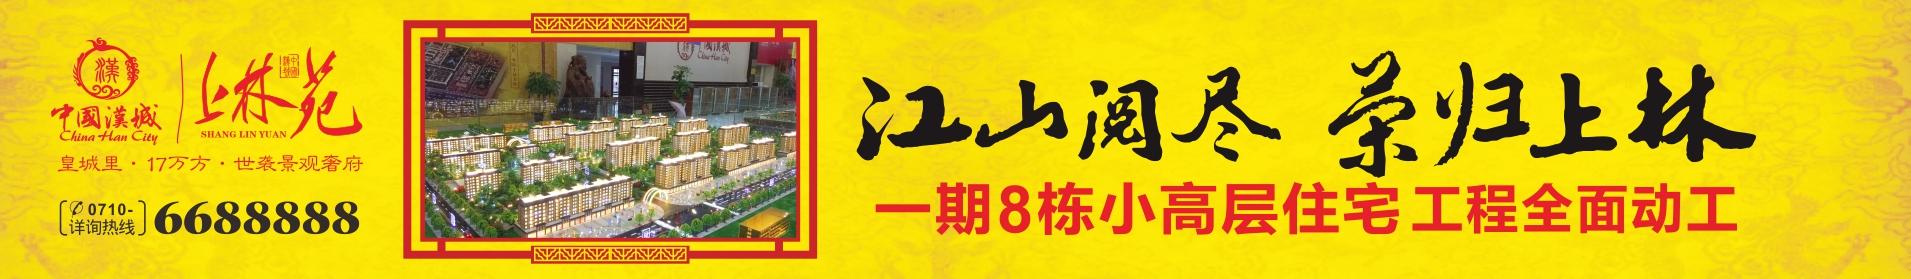 中国威廉希尔手机版登录广告03